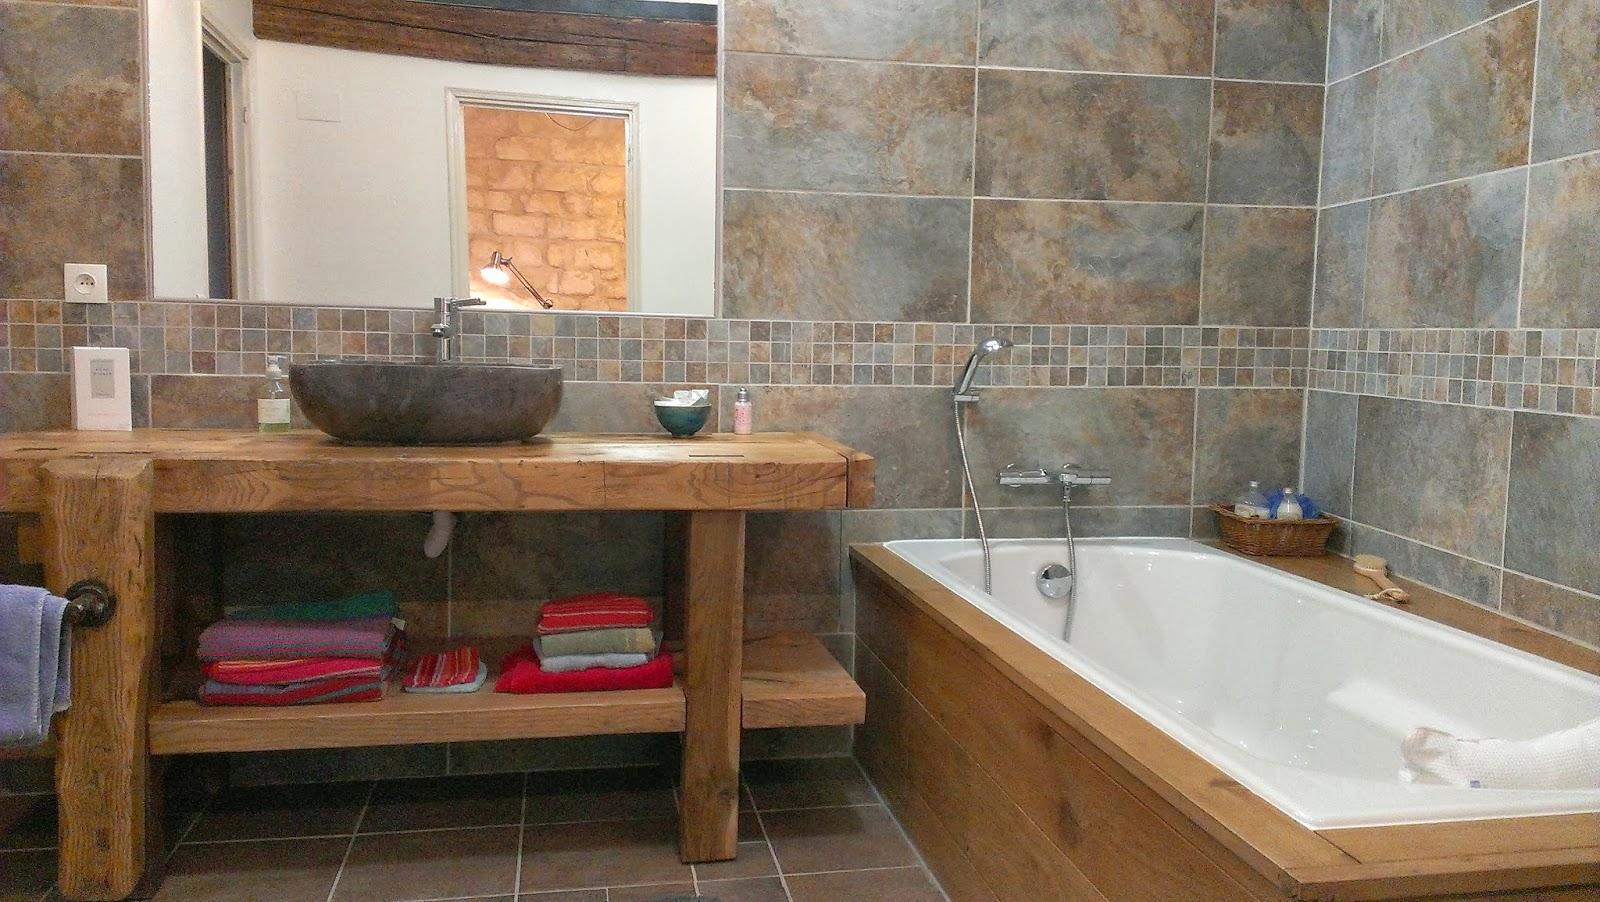 vive les travaux r alisation salle de bain. Black Bedroom Furniture Sets. Home Design Ideas